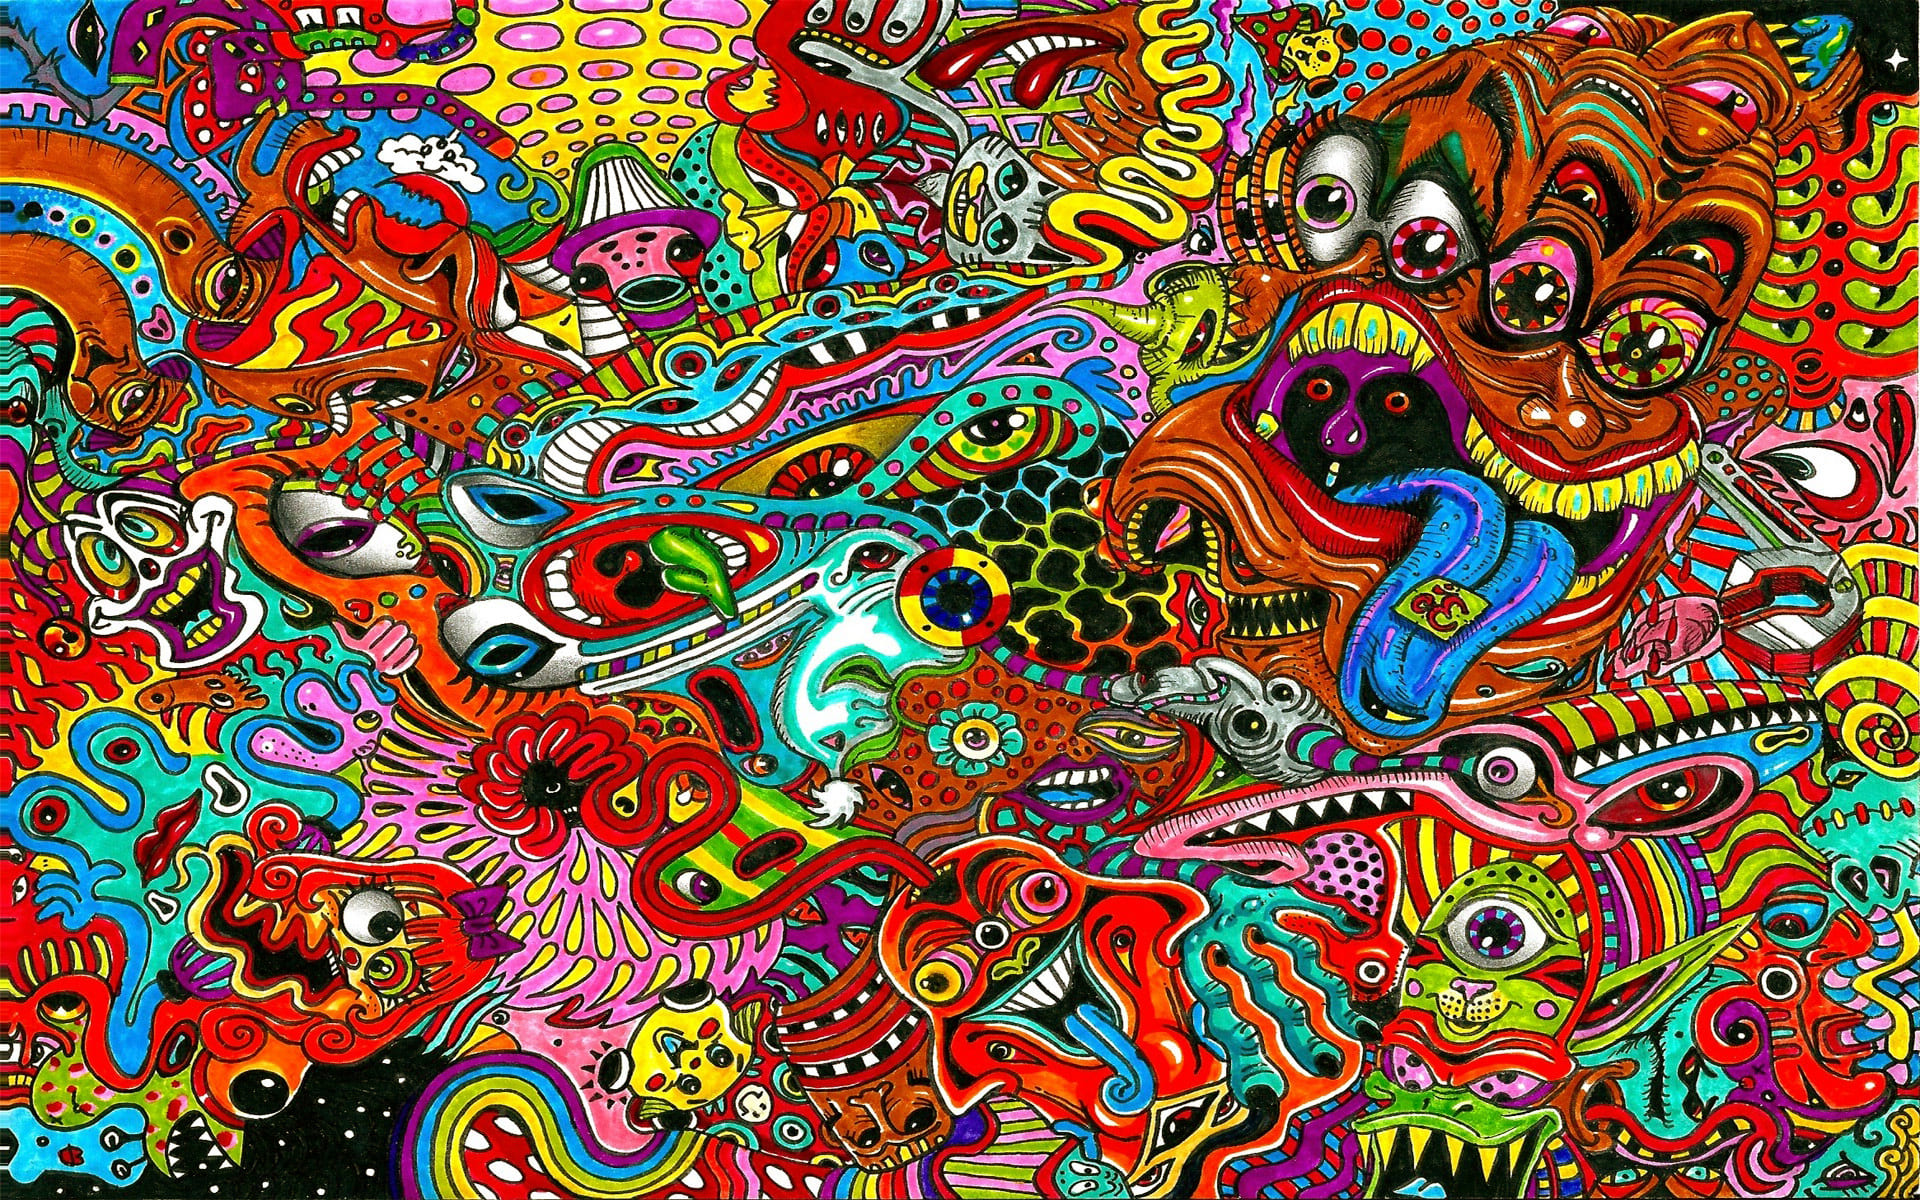 HDoboi.Kiev.ua - Психоделический сюрреалистический рисунок, минимализм на обои телефона